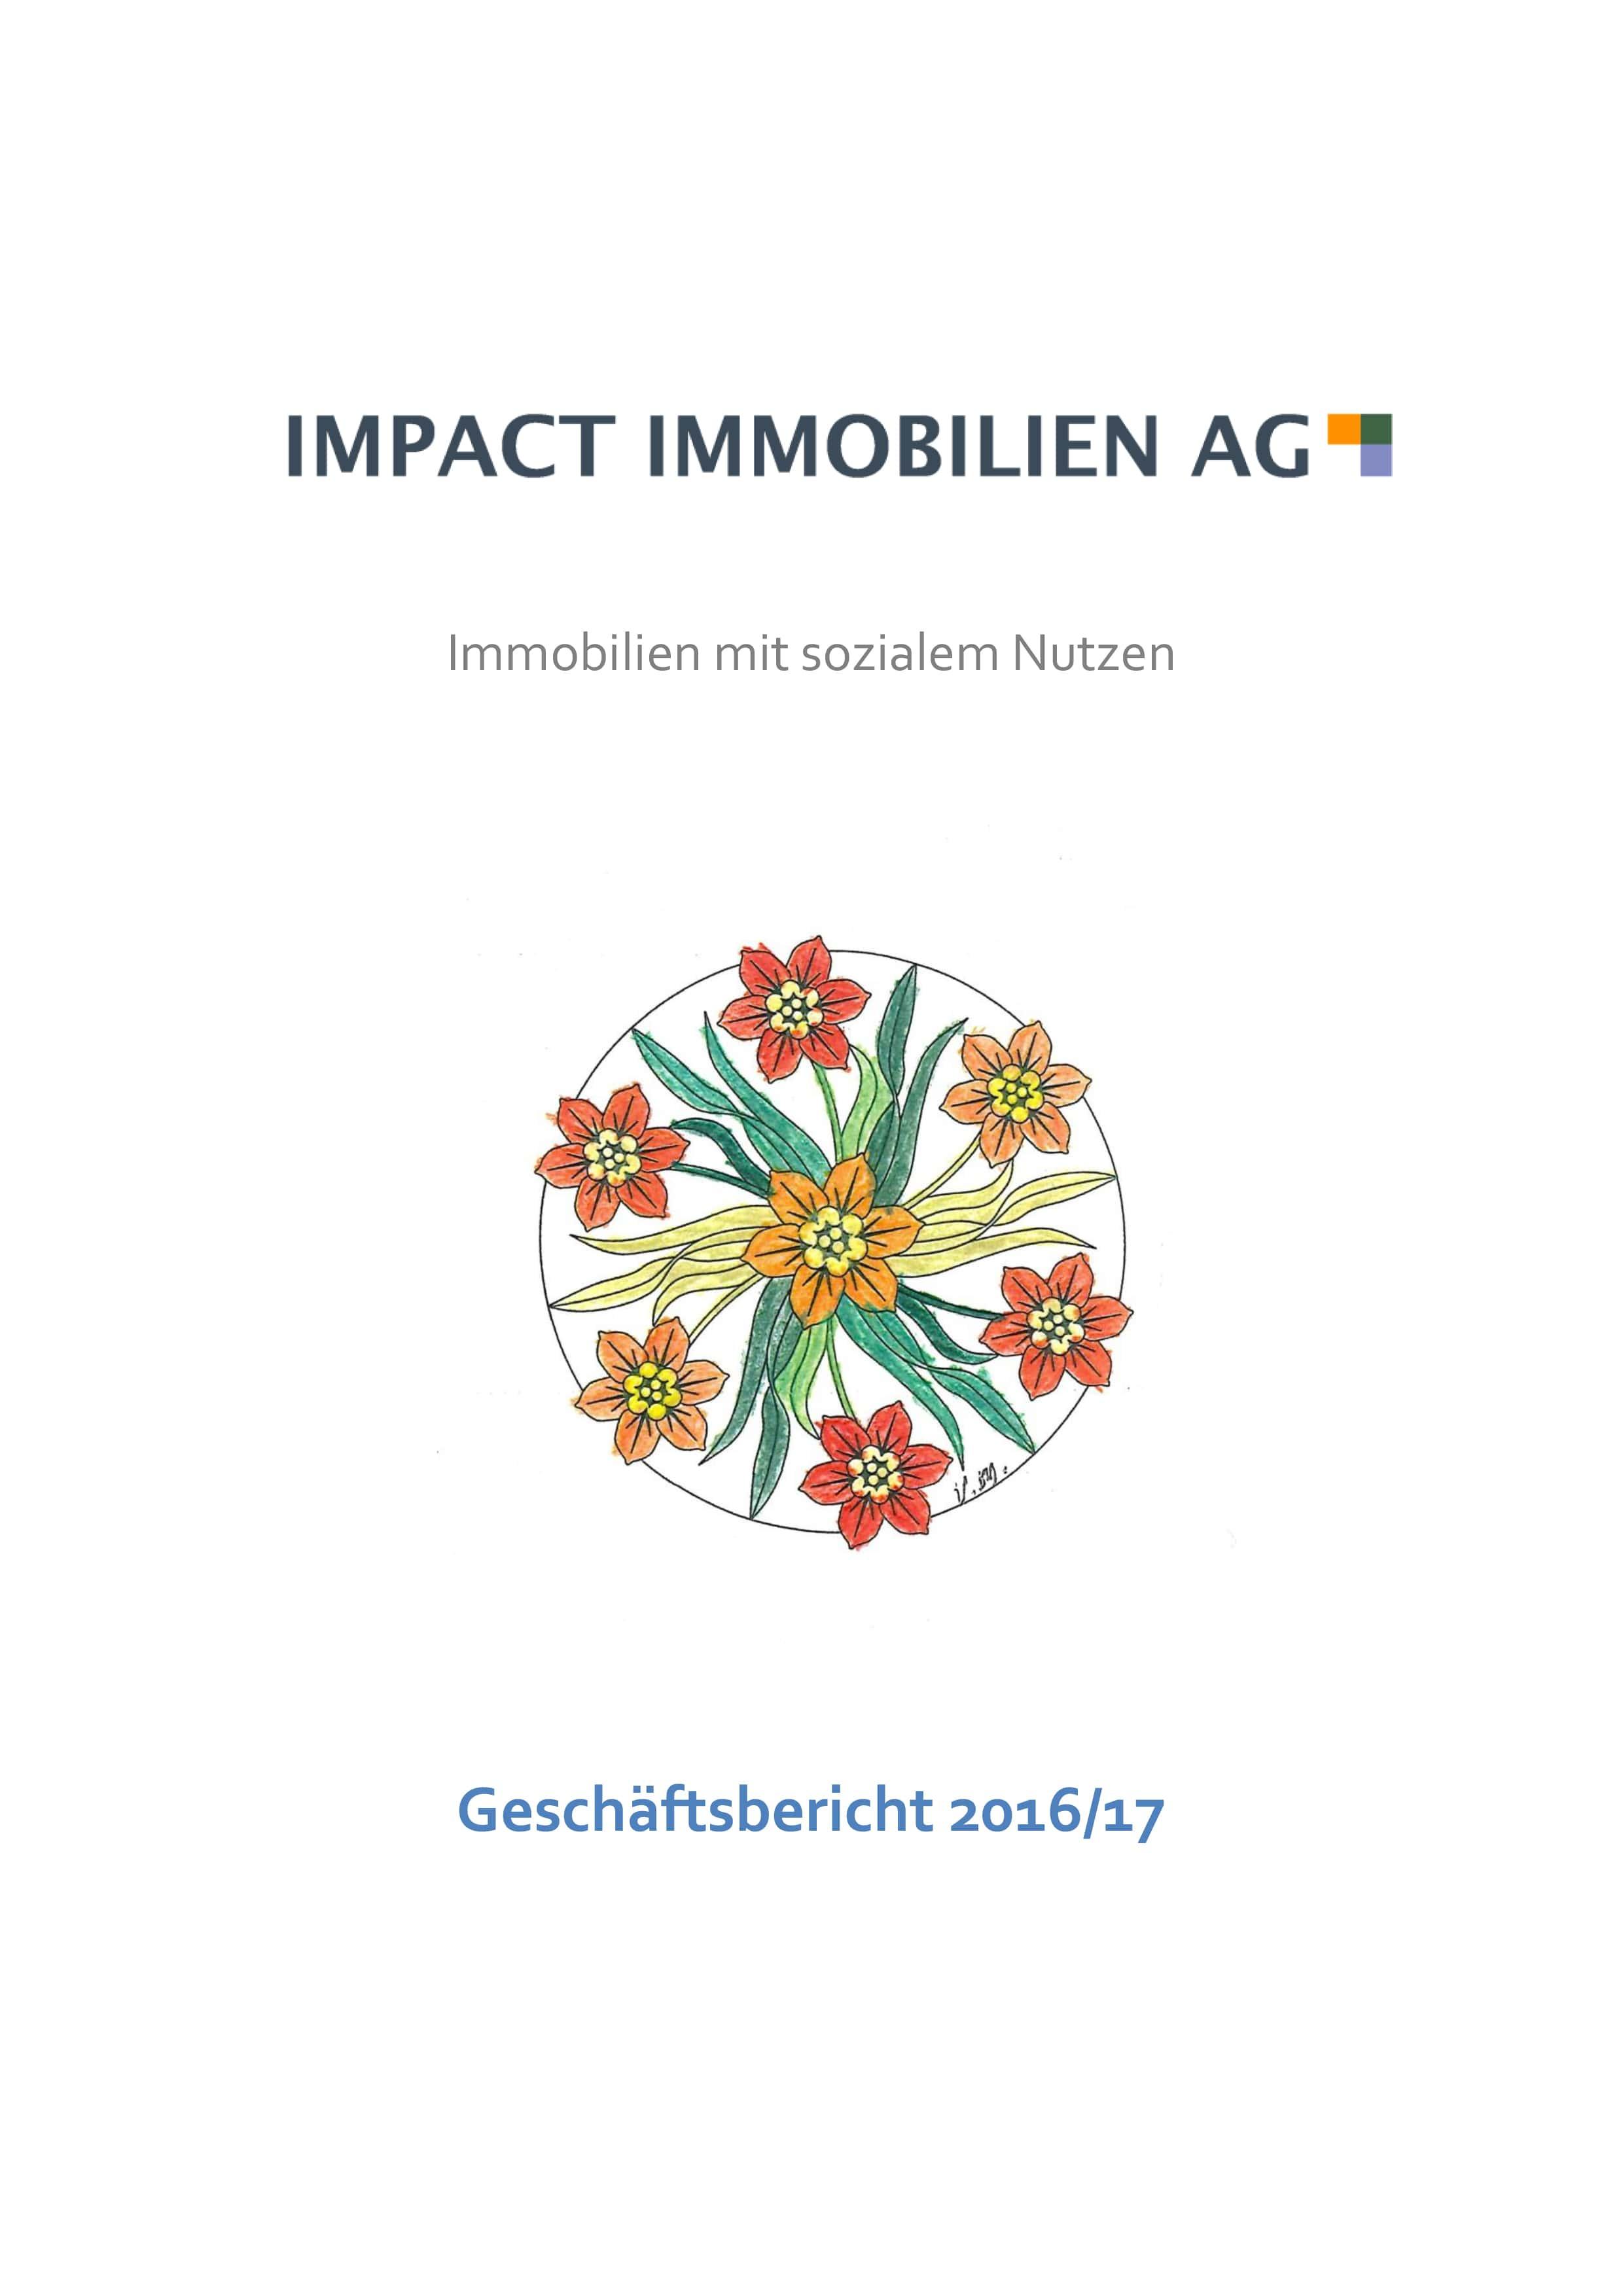 Geschaeftsbericht_IIAG_2016-17-min